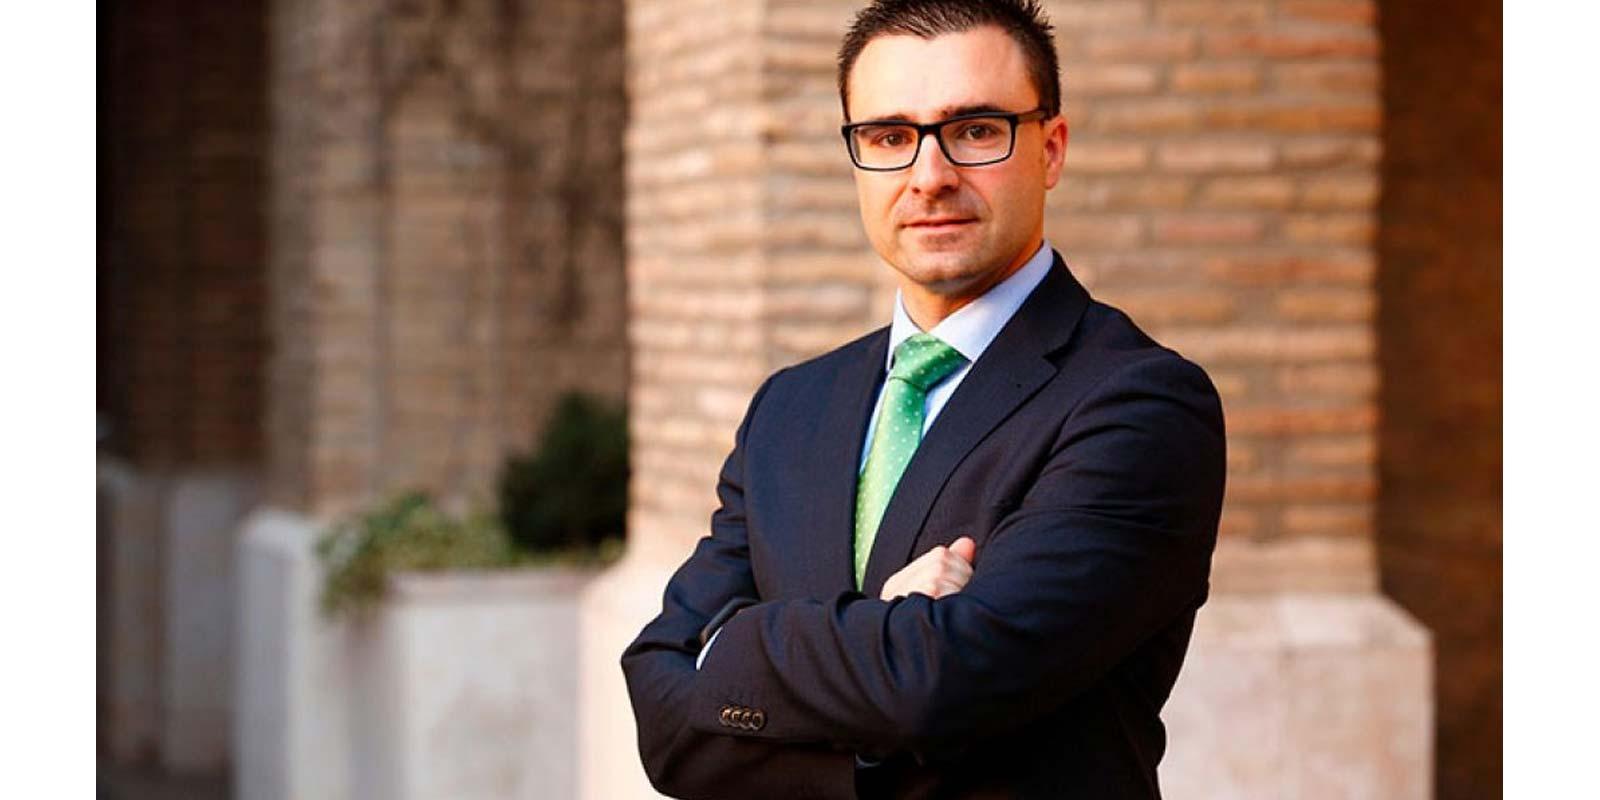 Miguel Ángel Bernal Blay